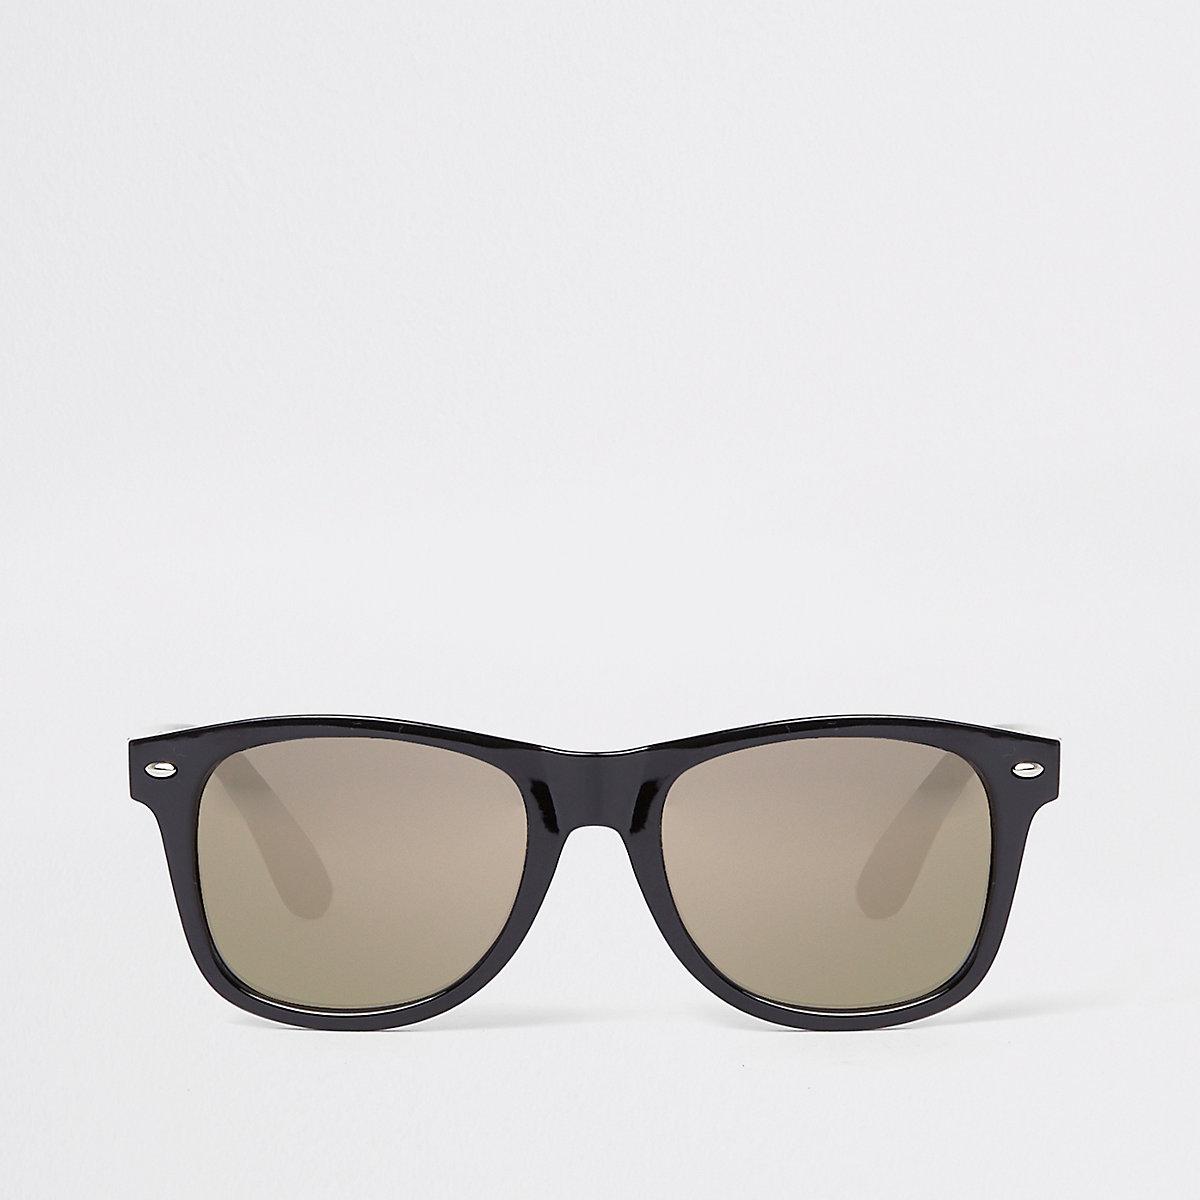 Black gold smoke lens retro square sunglasses